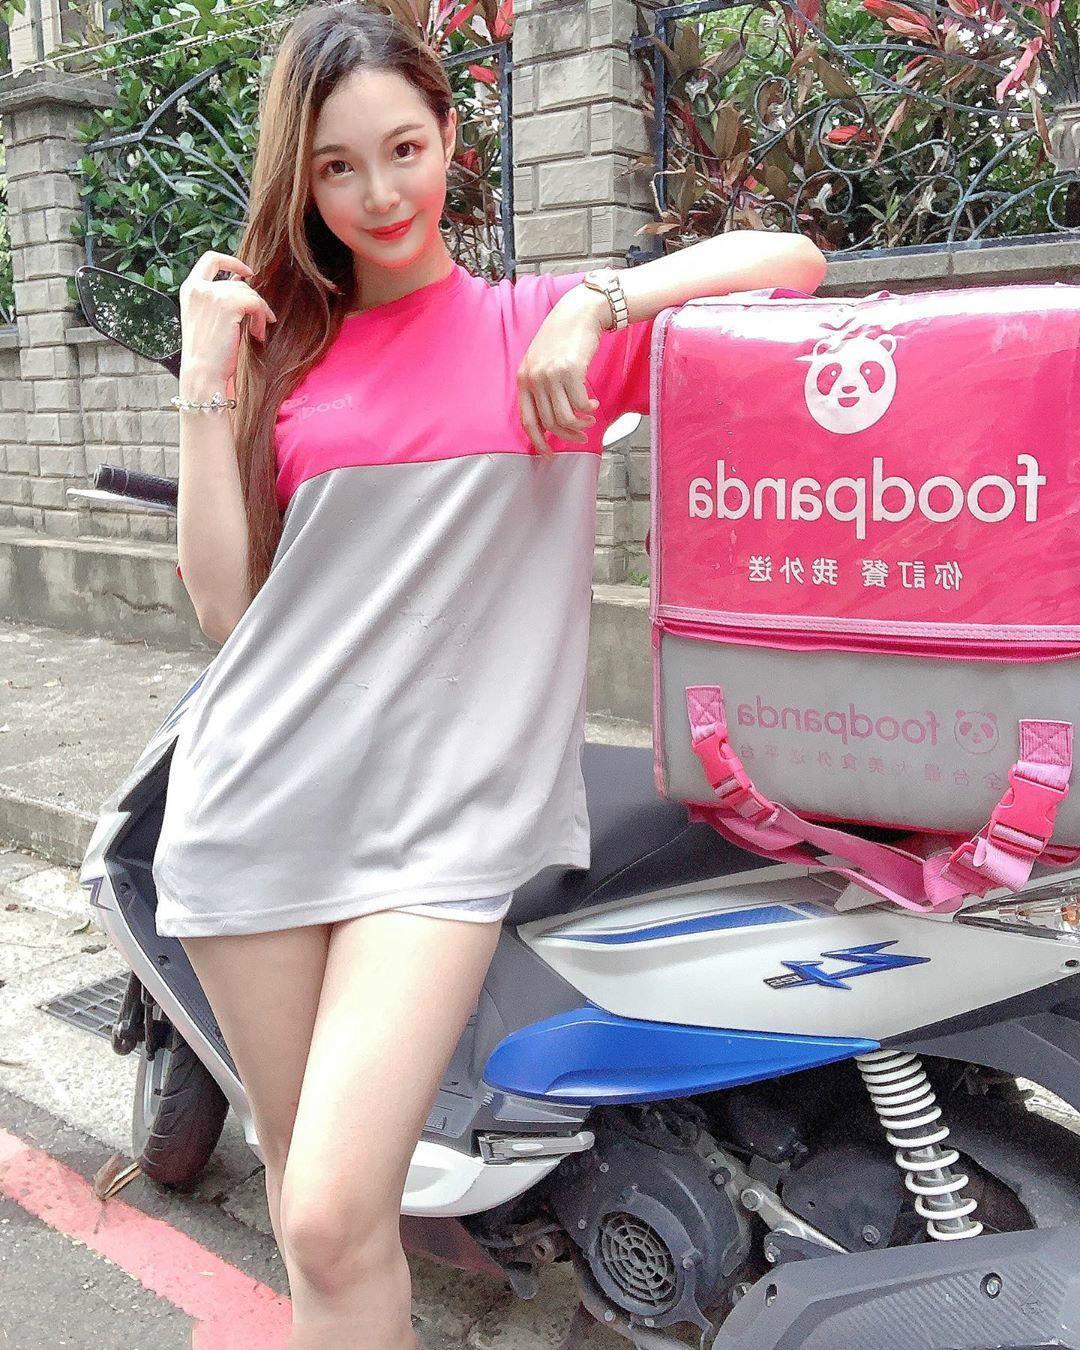 台湾「最美长腿外卖员」Michelle雪儿,4E的傲人上围非常养眼!